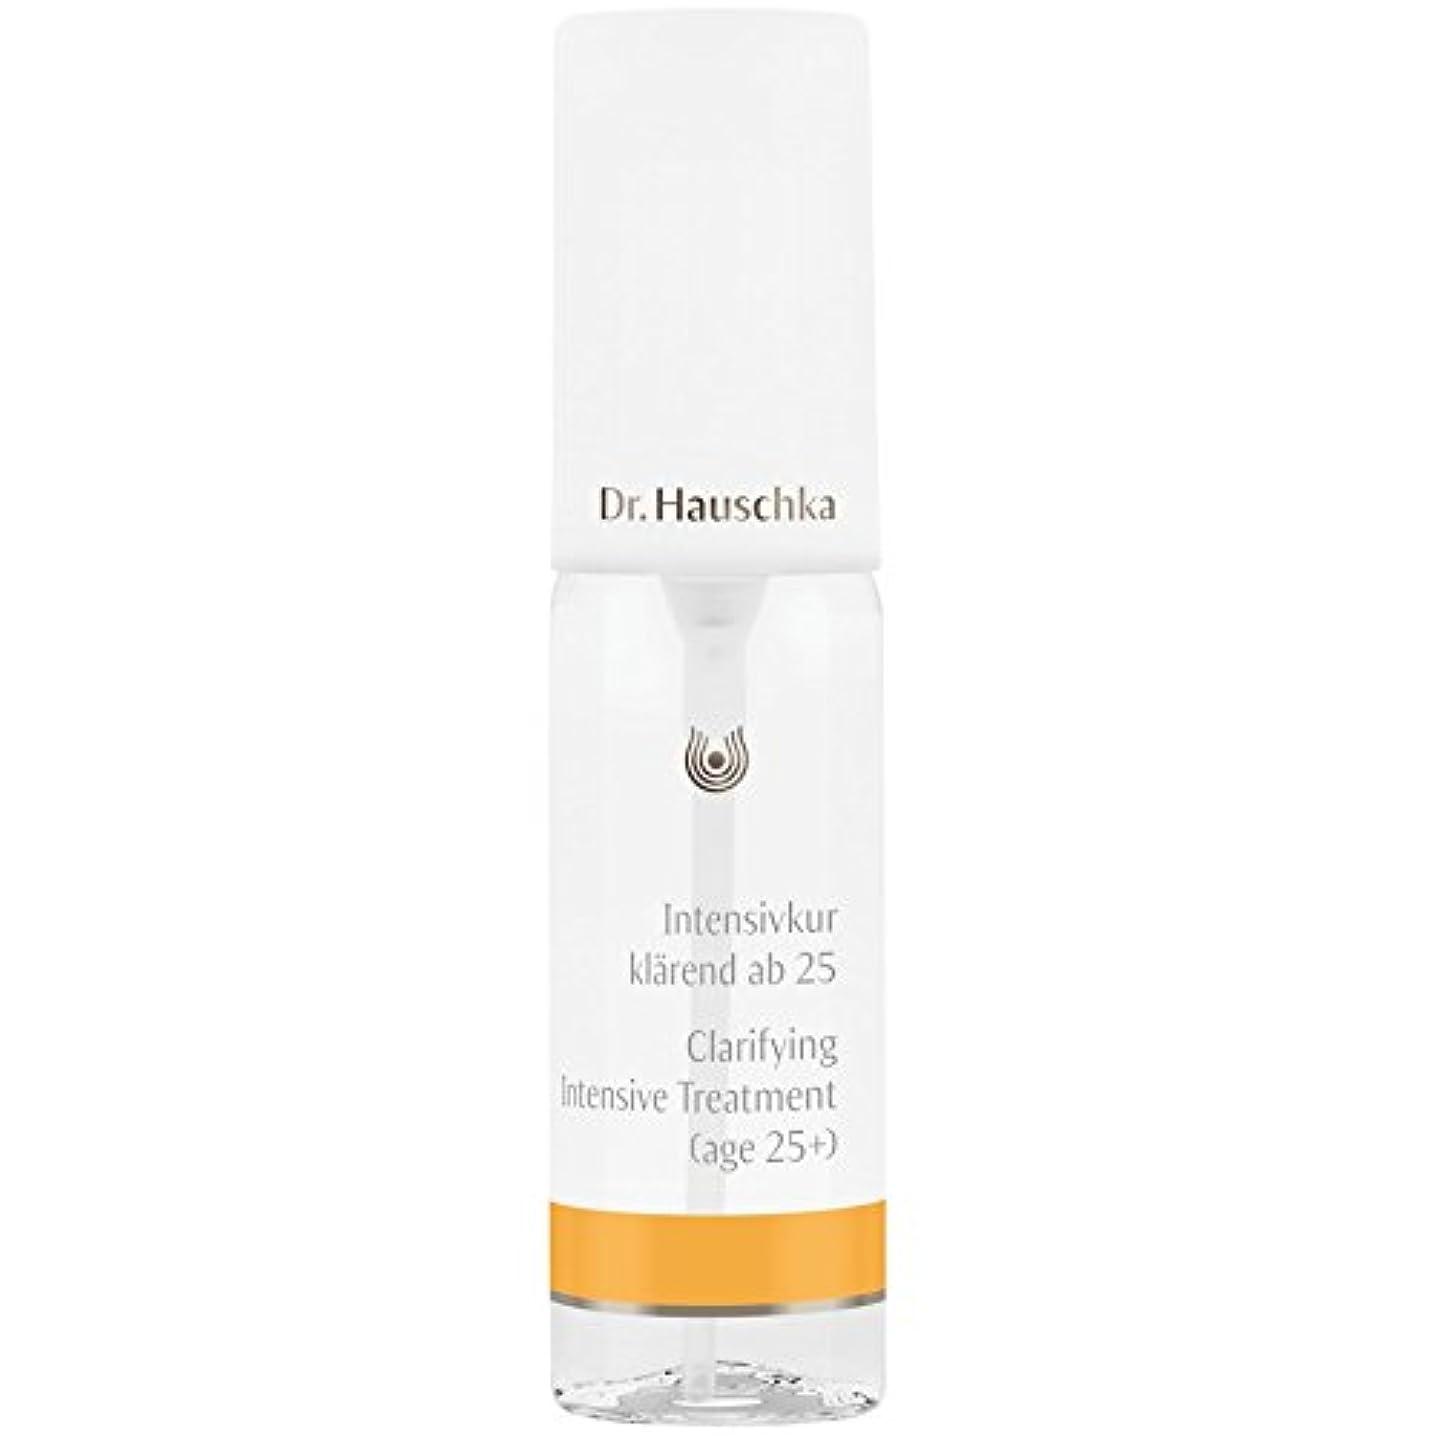 上に従者下る[Dr Hauschka] 25+ 02 40ミリリットルのための集中治療を明確化のDrハウシュカ - Dr Hauschka Clarifying Intensive Treatment For 25+ 02 40ml...